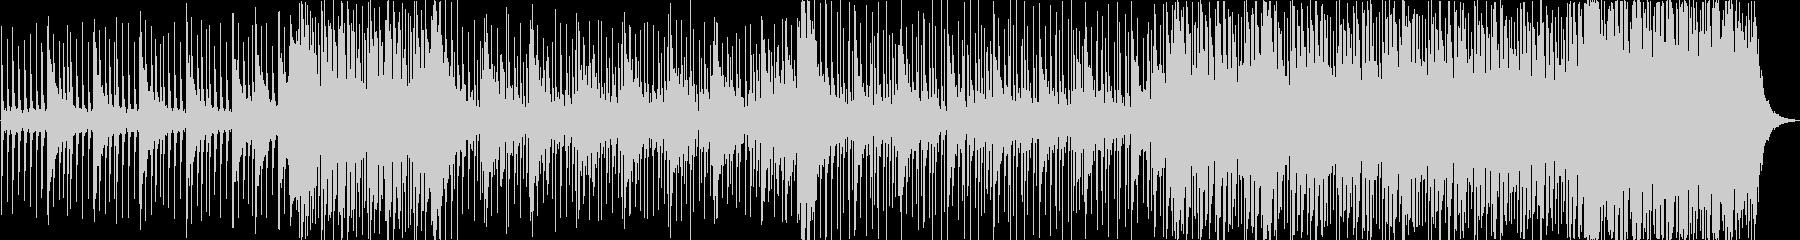 鼓動を表現した躍動感溢れる和太鼓BGMの未再生の波形